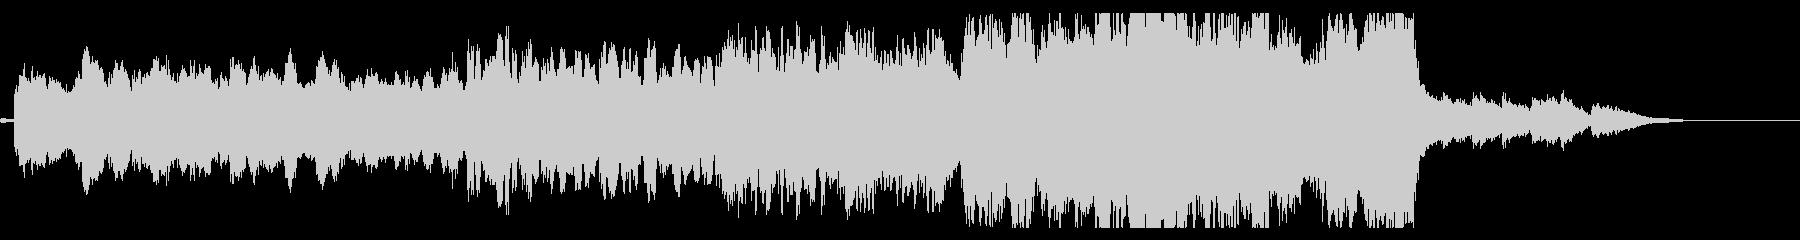 ホルン、フルート主体の復興イメージソングの未再生の波形